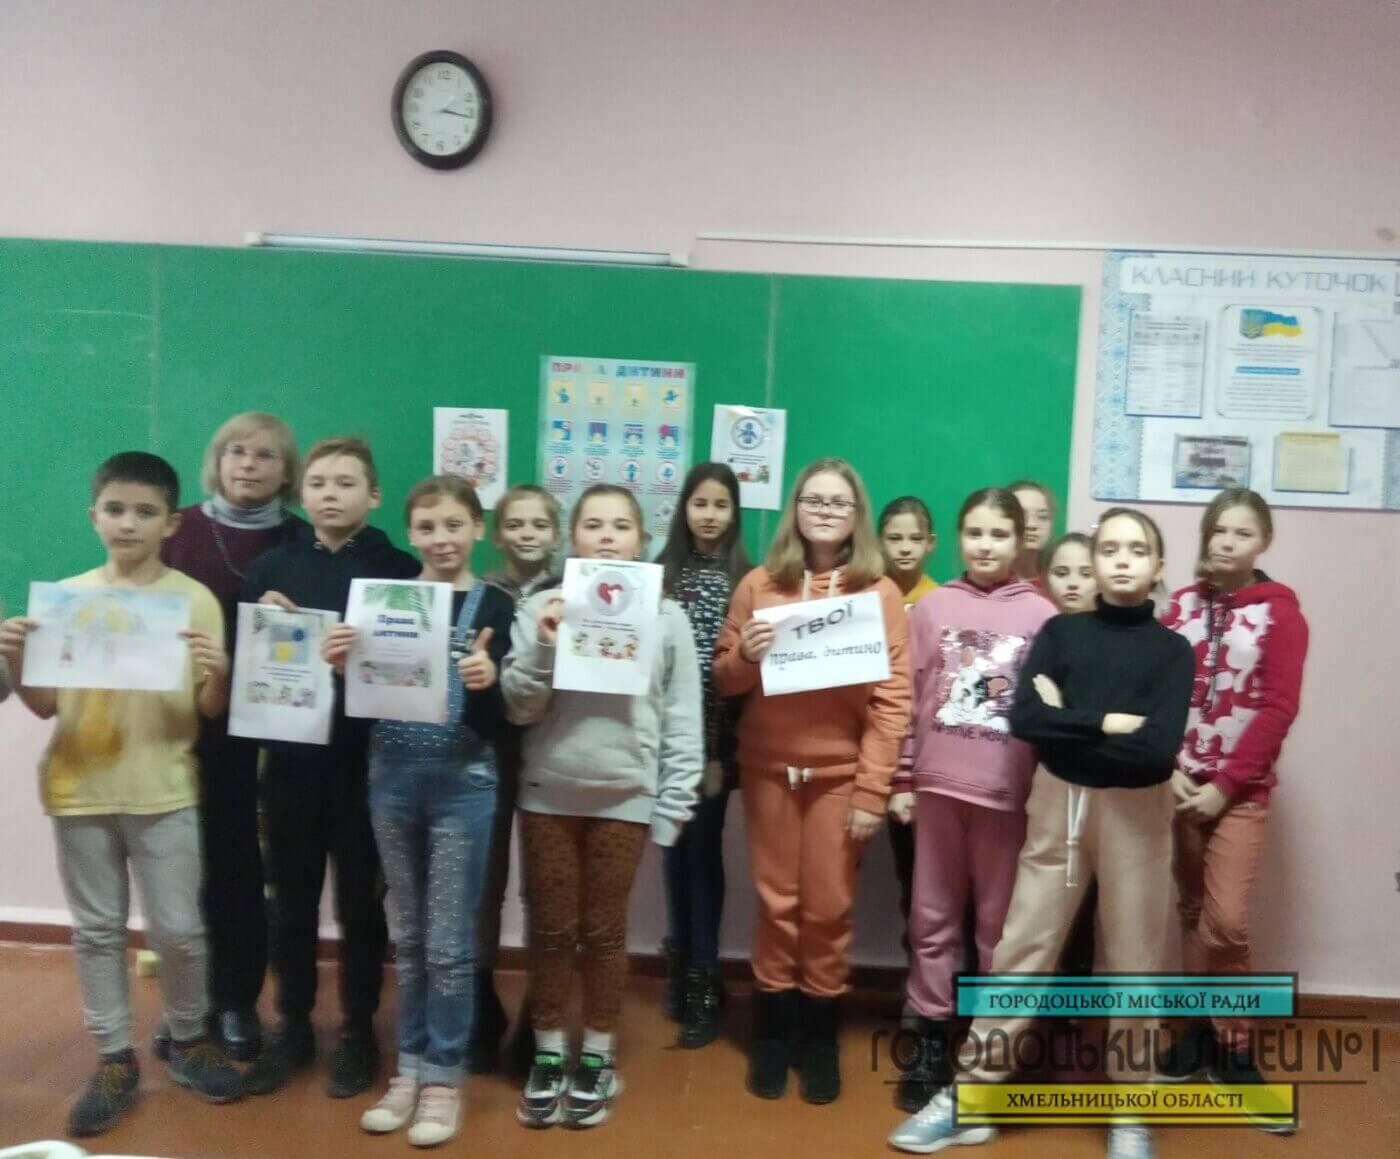 zobrazhennya viber 2020 12 14 09 32 102 1400x1159 - 10 грудня – Міжнародний день прав людини